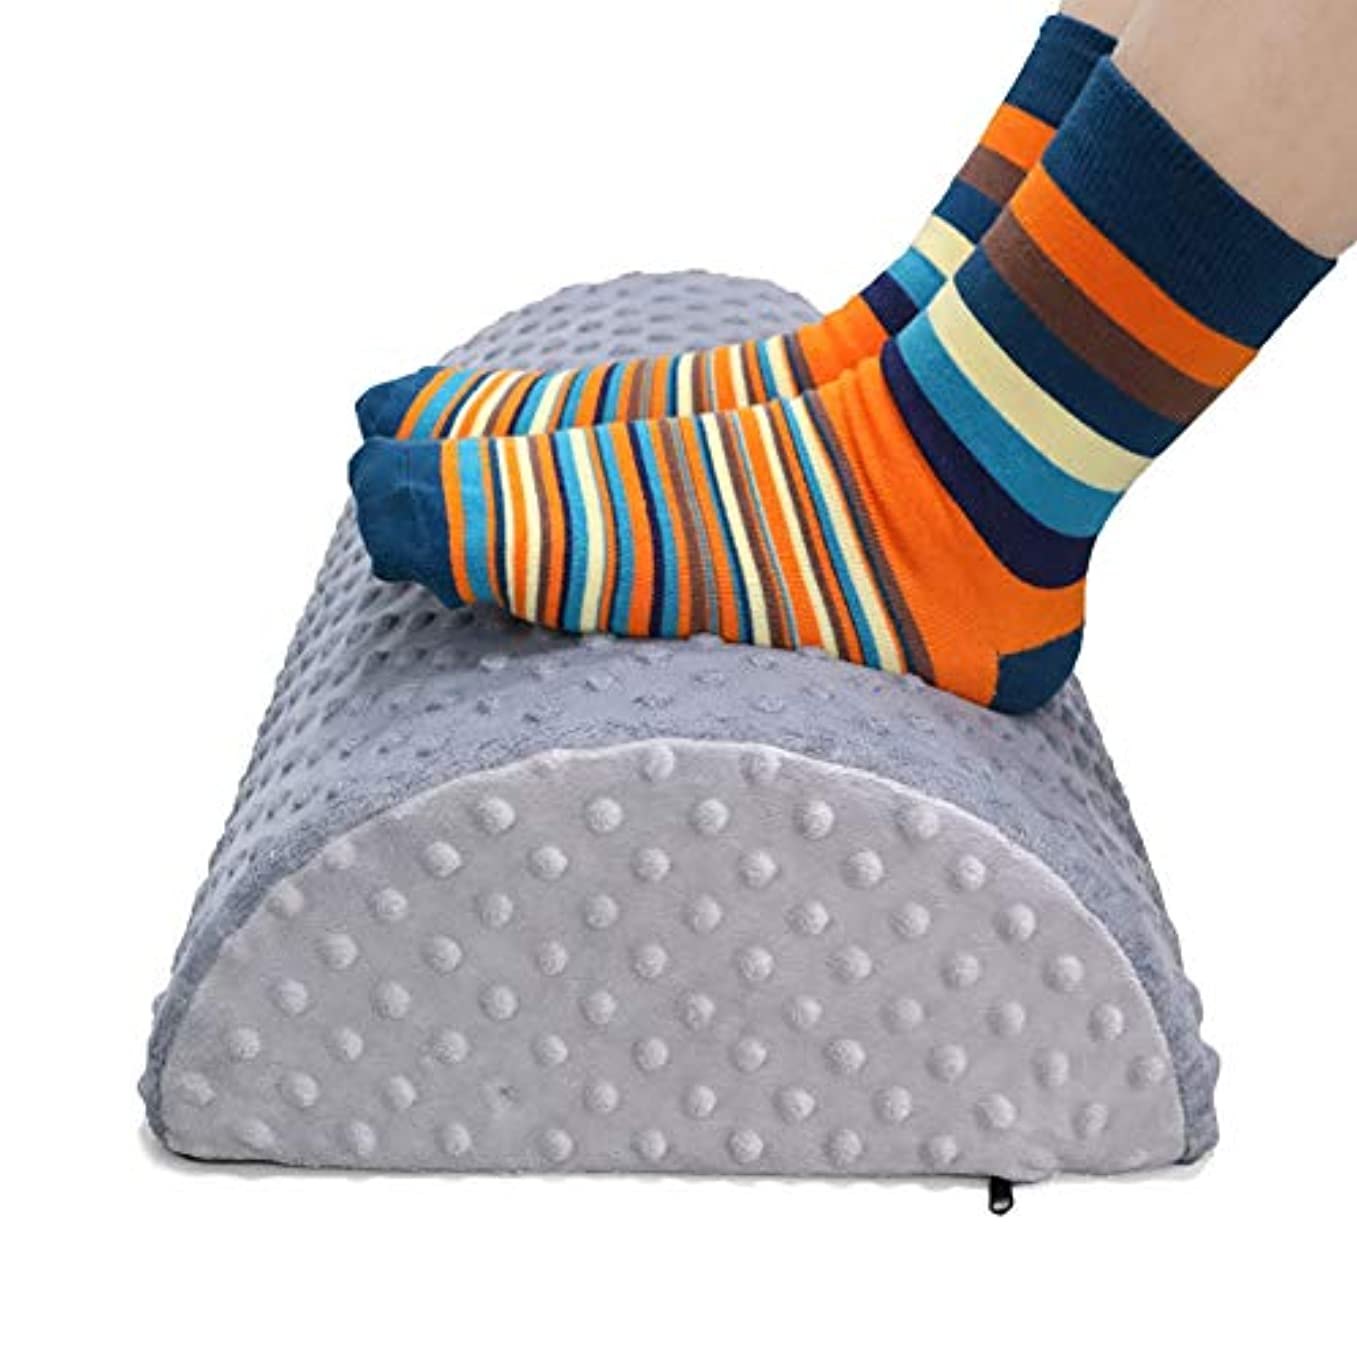 キリマンジャロ自明理容室デスククッションの下のフットレスト - 家庭用およびオフィス用のフットスツール - エルゴノミックハーフ - 腰椎、背中、膝の痛み、フットスツールロッカー用,Gray